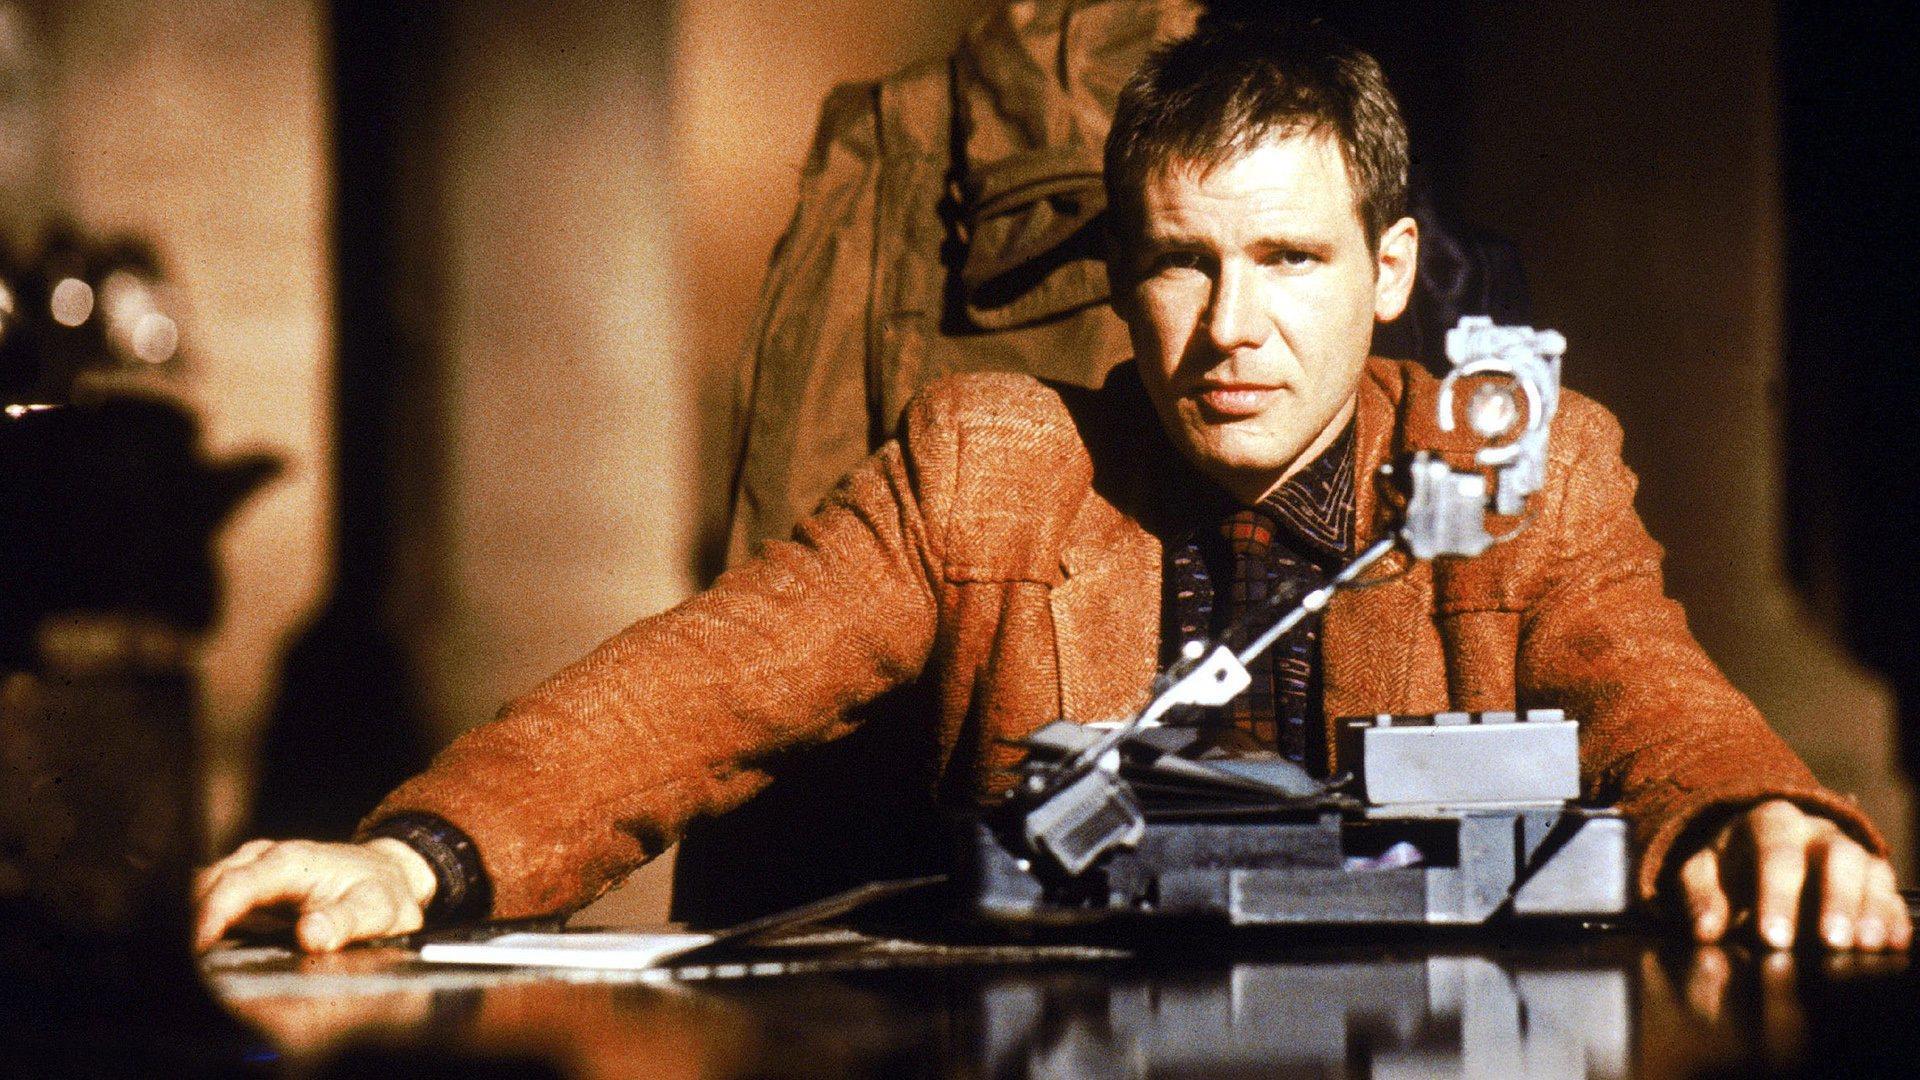 Una scena del film Blade Runner con Rick Deackard